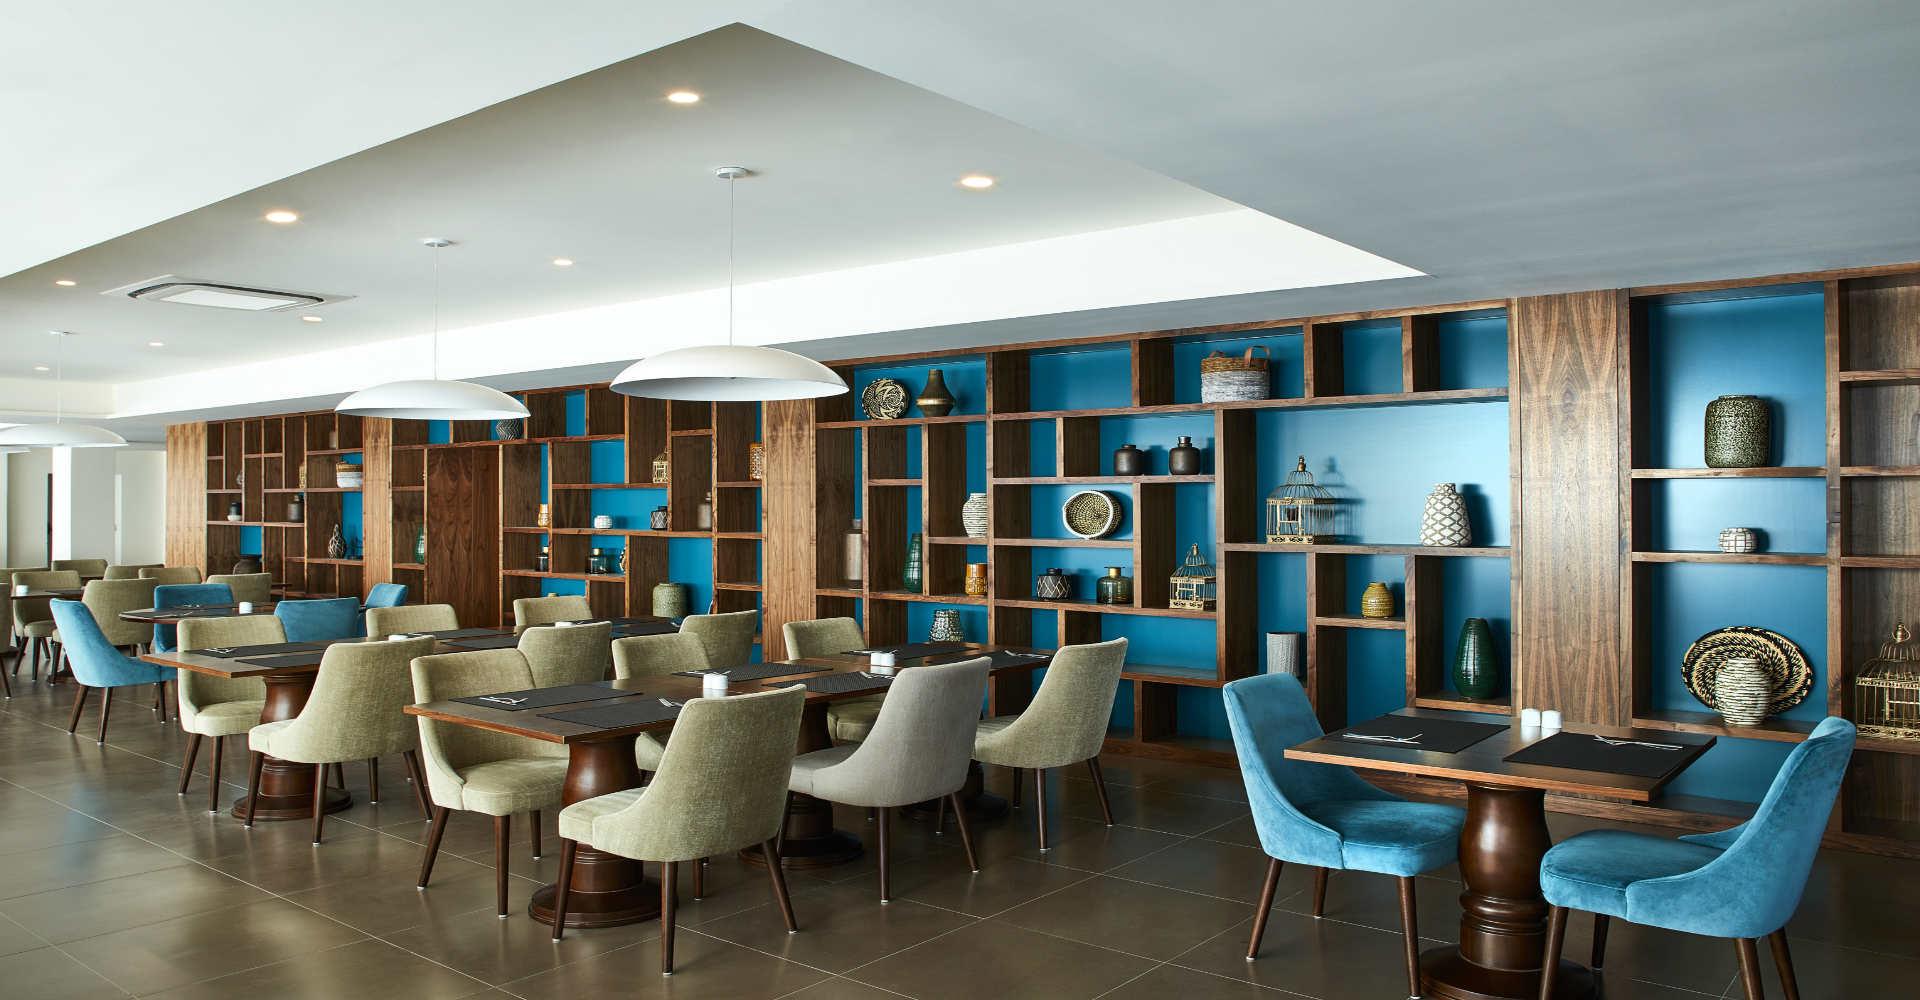 Casino hotel in rome italy